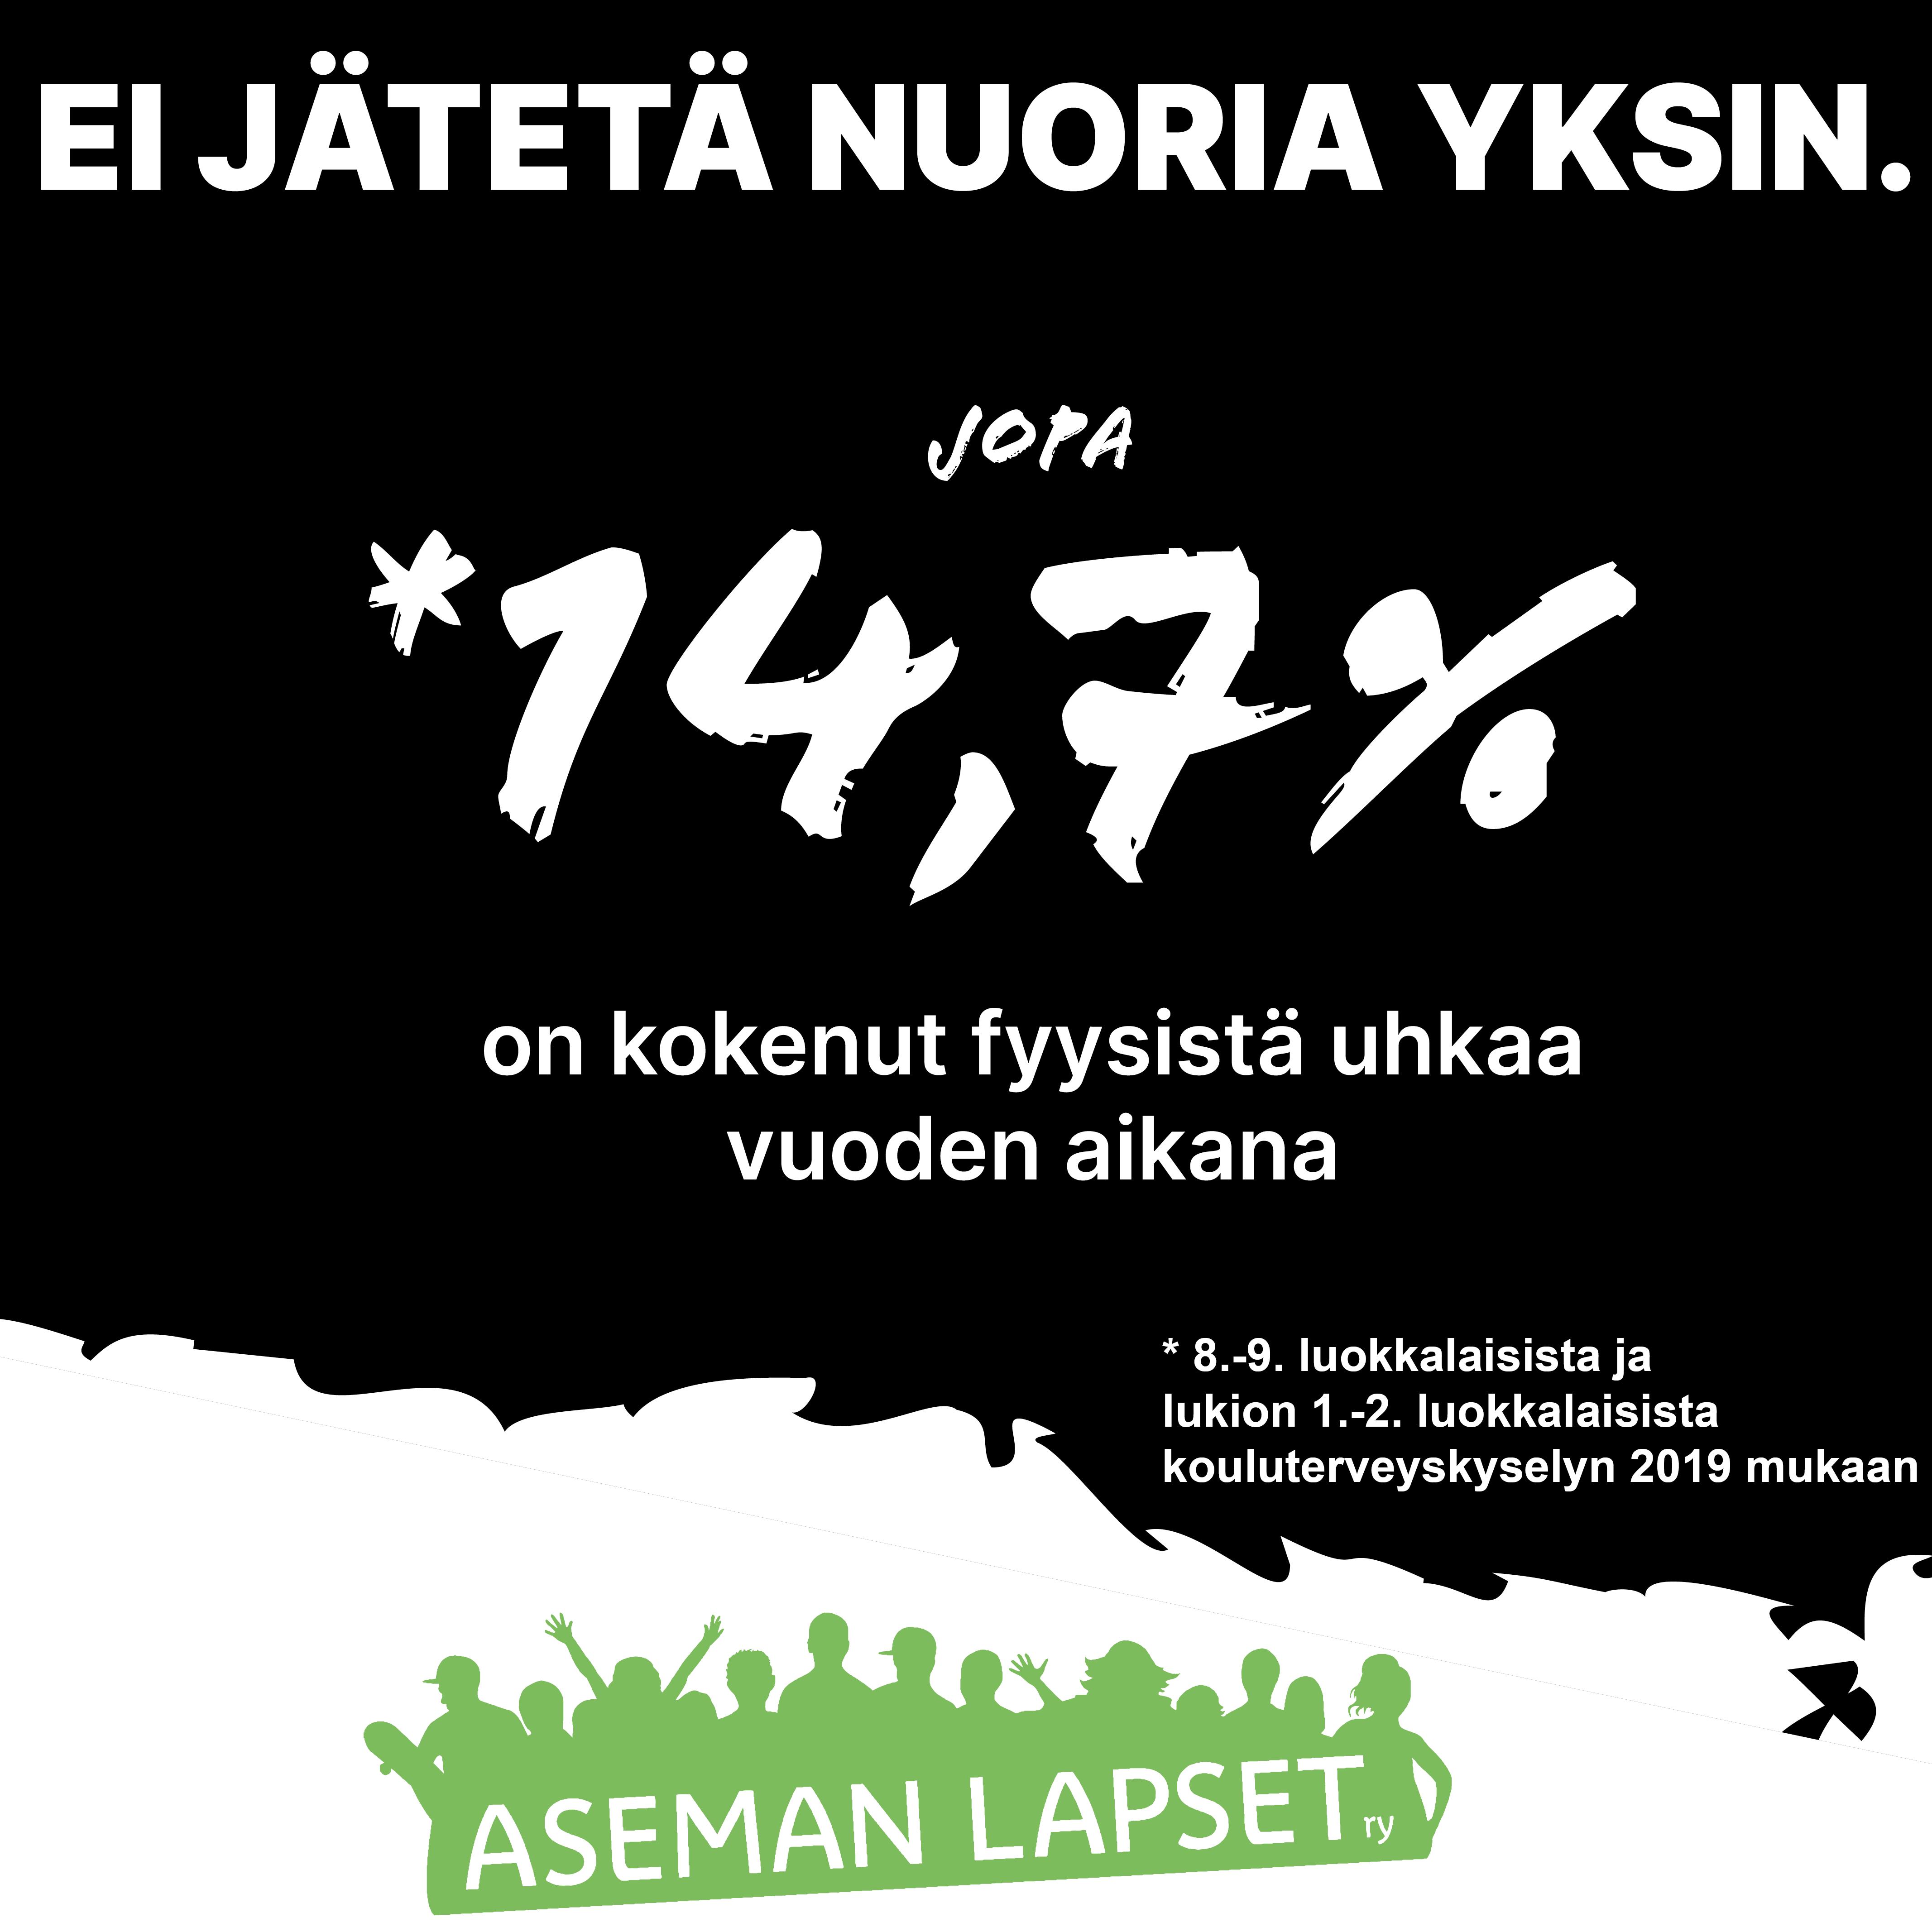 Teksti mustalla pohjalla:14,7 prosenttia on kokenut fyysistä uhkaa vuoen aikana